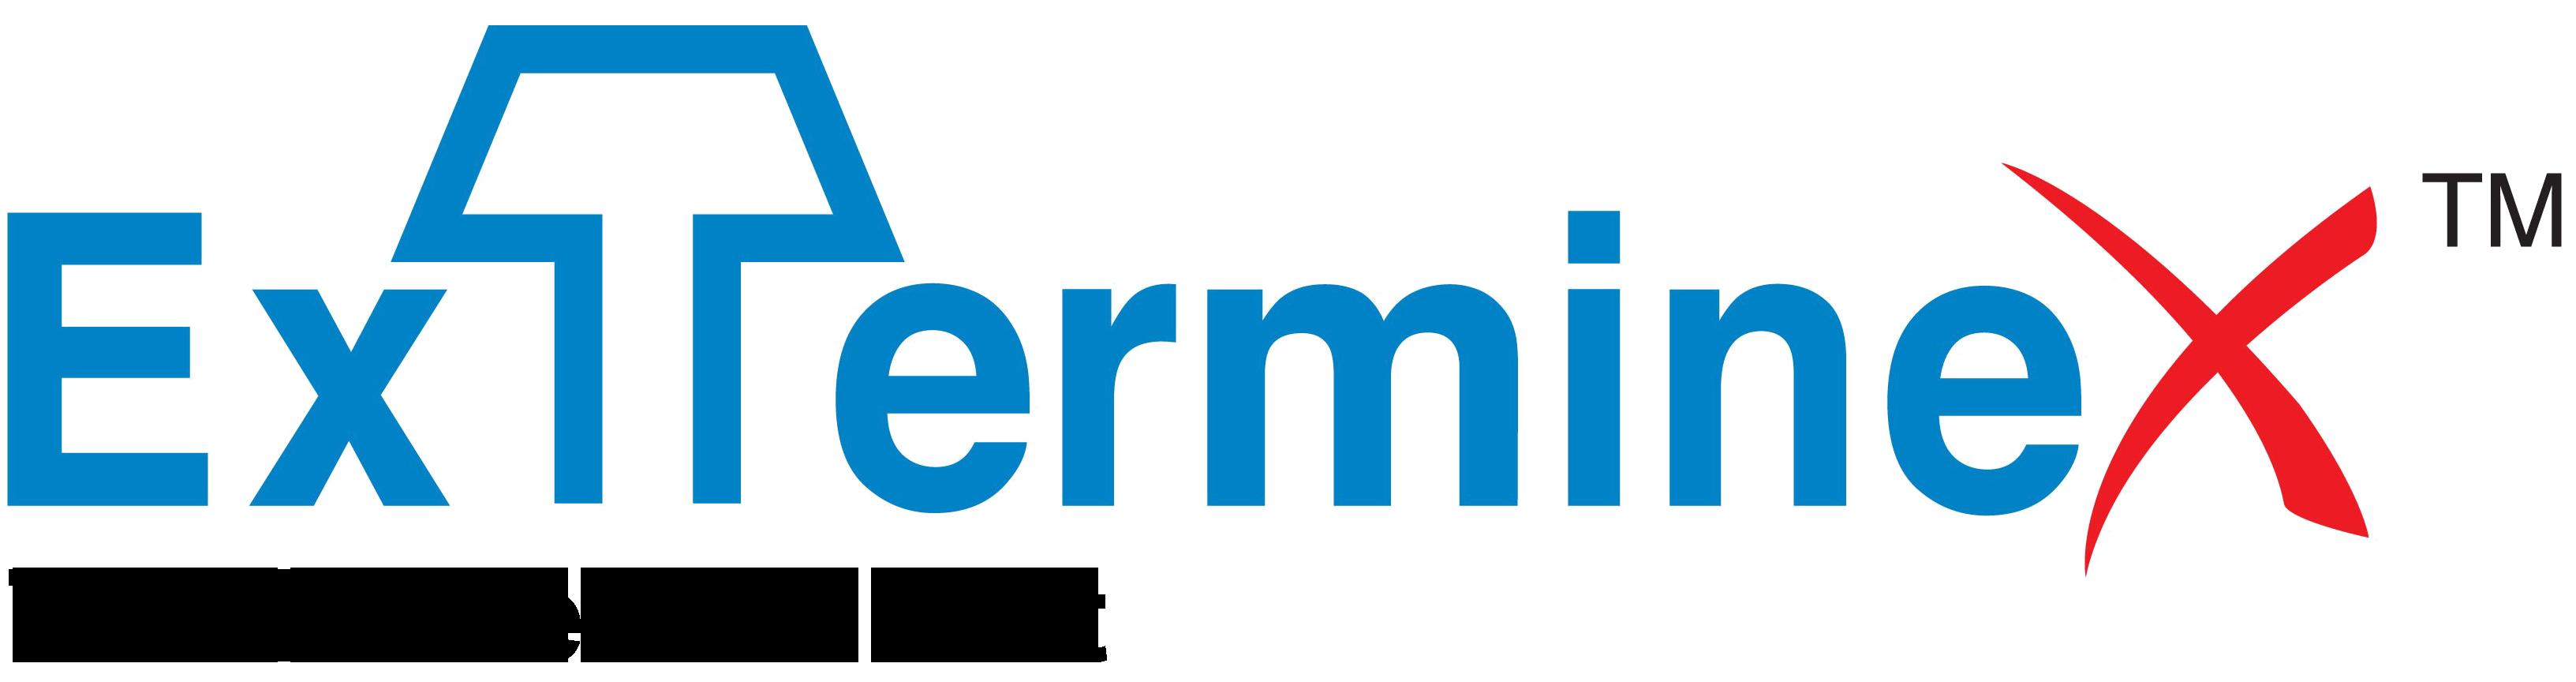 Exterminex™